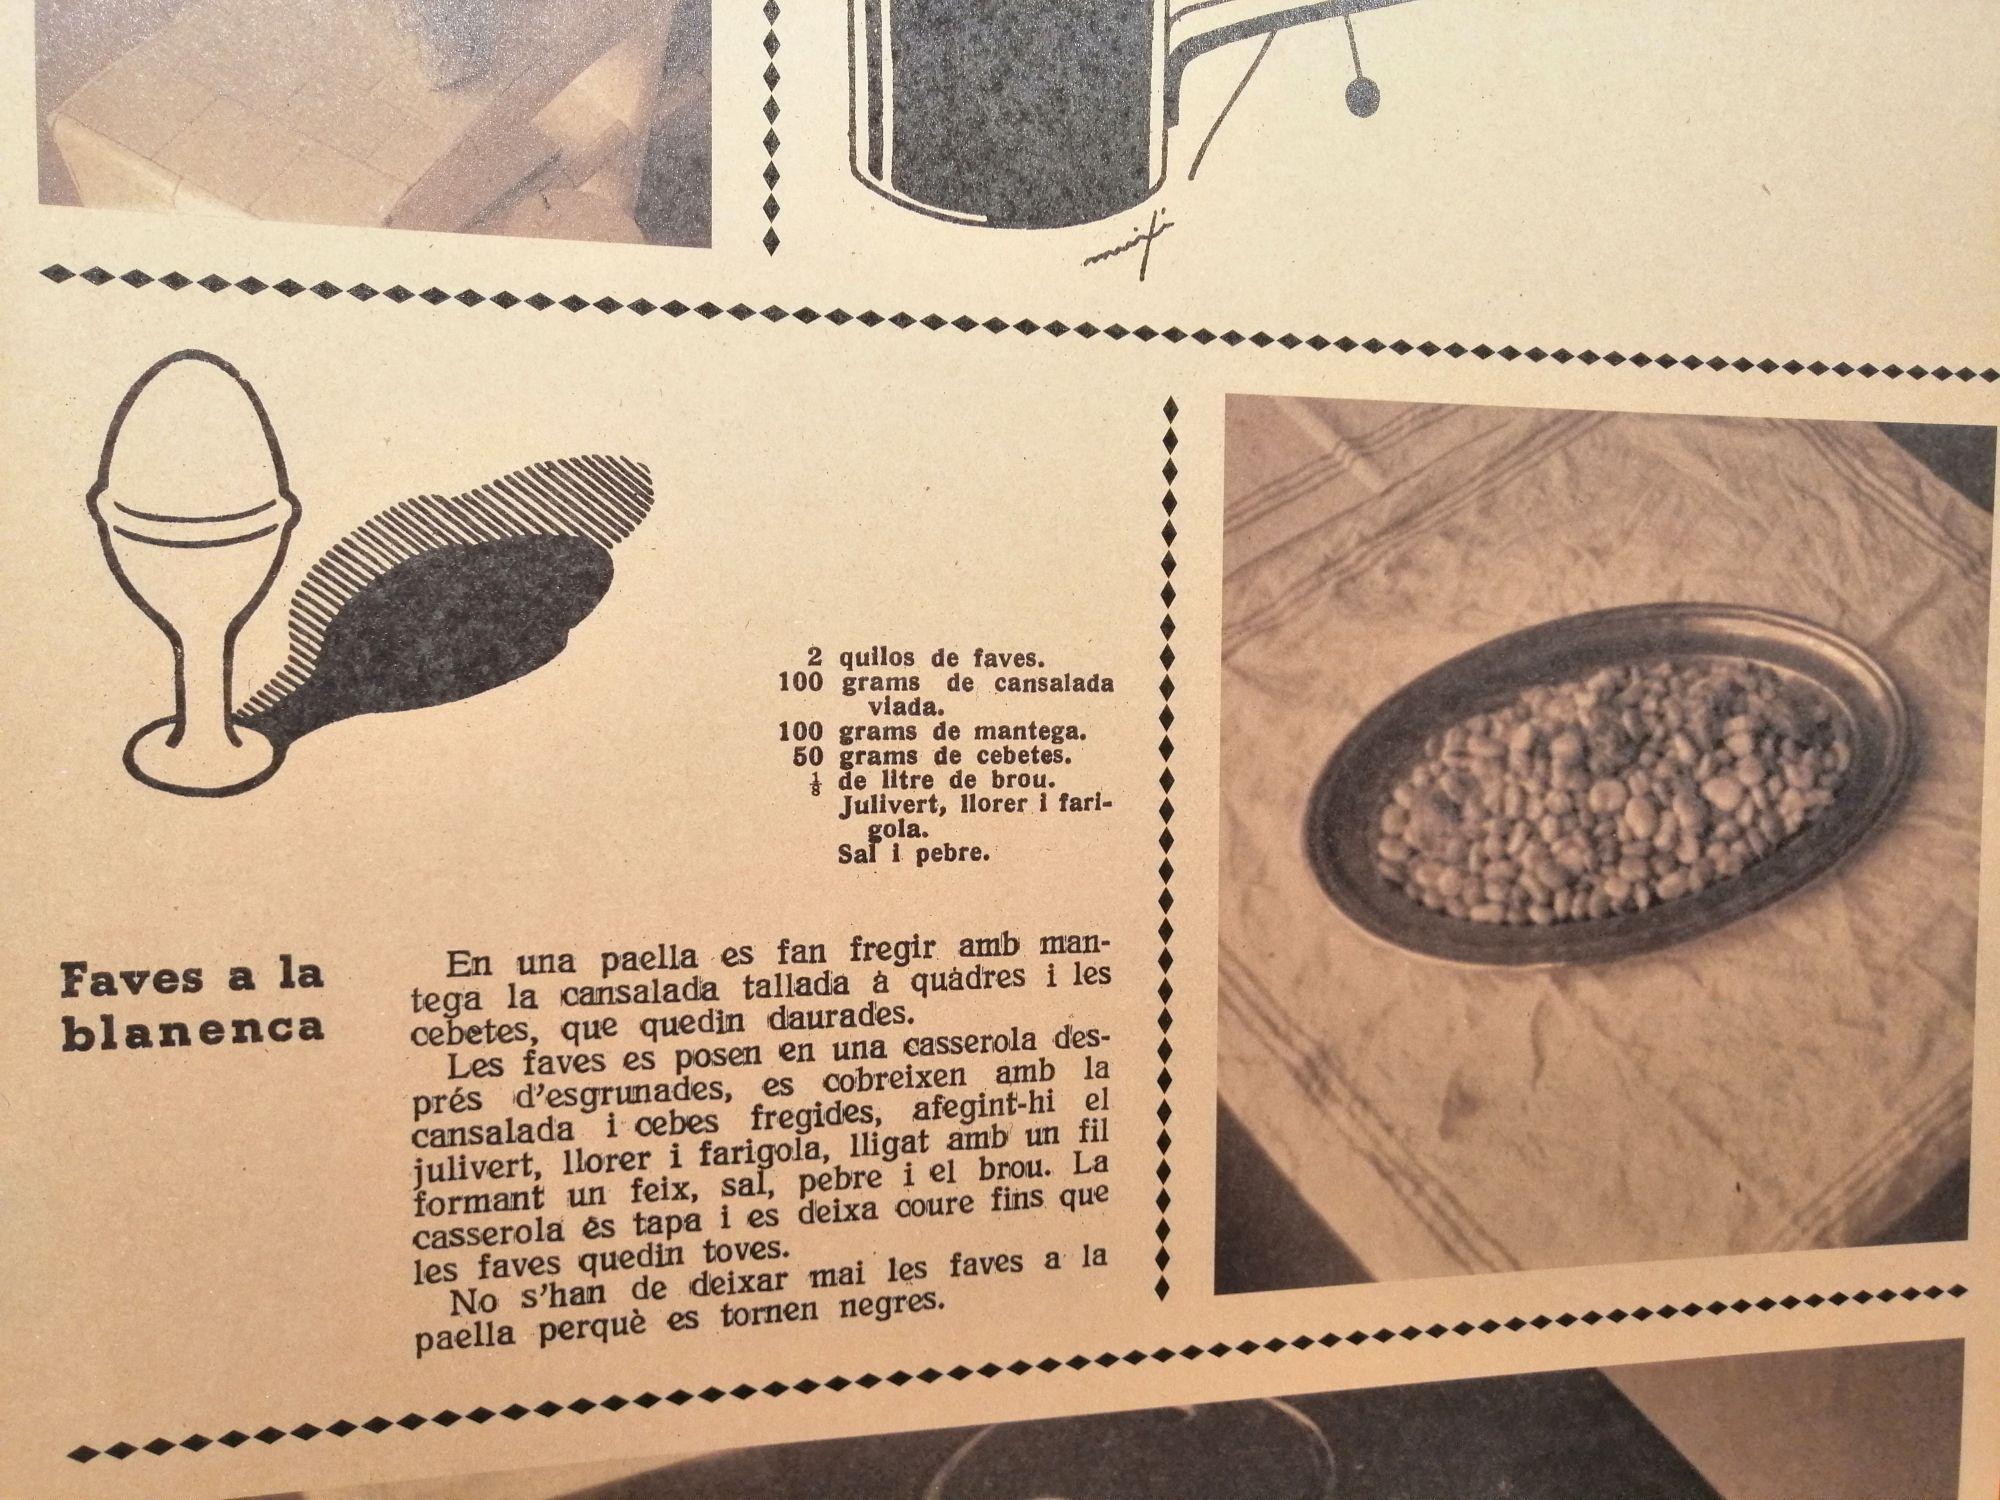 Recepta de Faves a la blanenca que es pot trobar a l'exposició